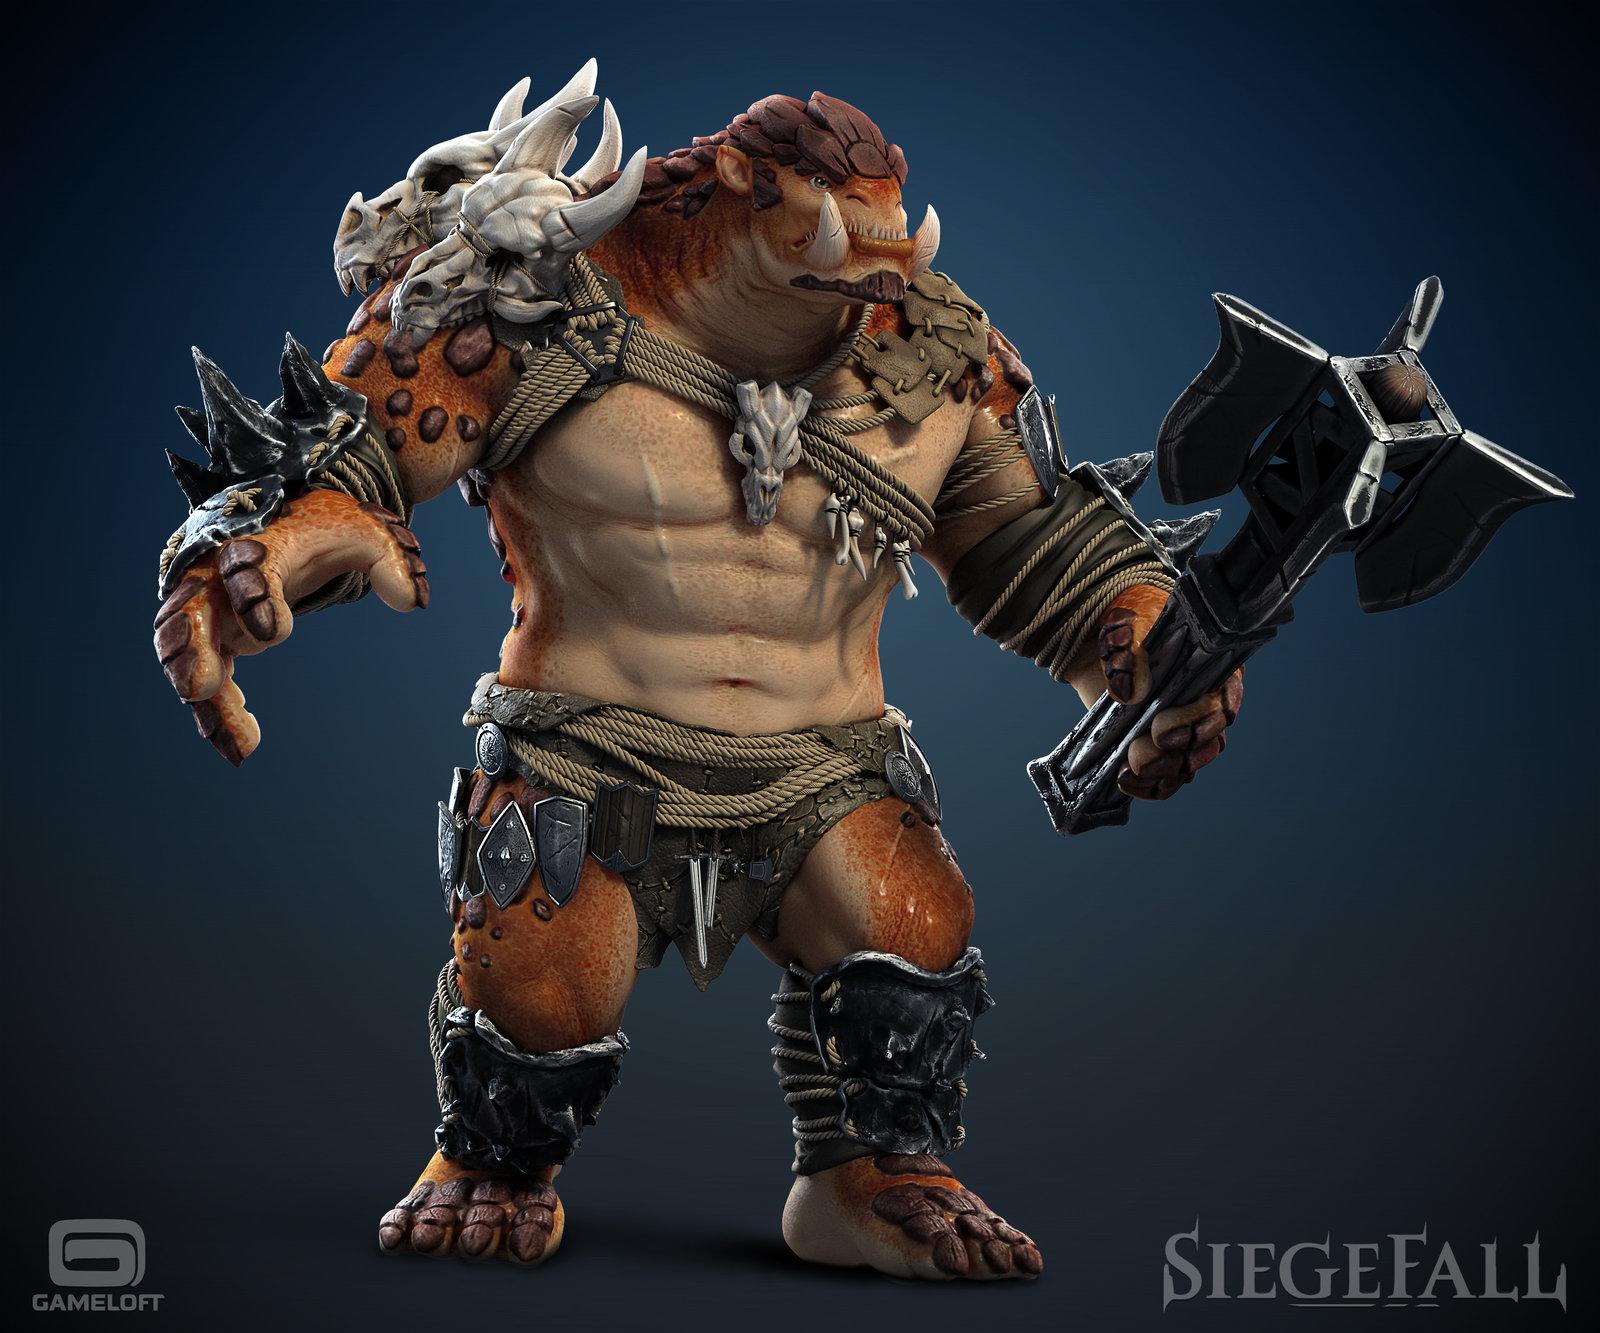 Siegefall - troll